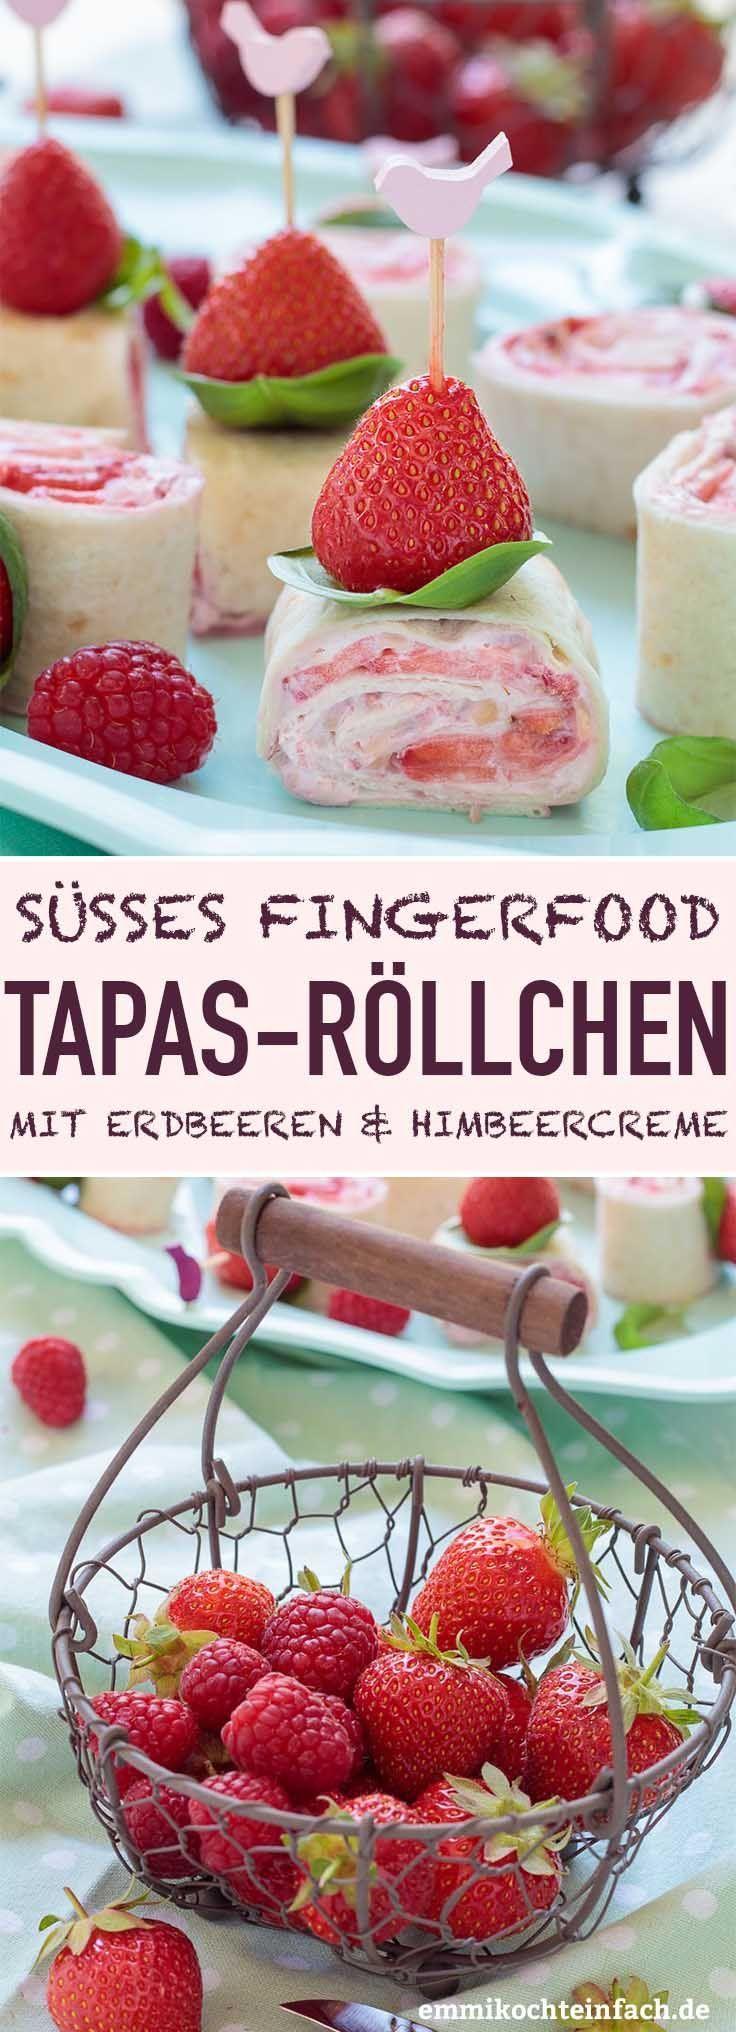 Süße Tapas – Brötchen mit Erdbeeren und Himbeercreme Ein fruchtig-einfaches …   – Ideen für Party &Buffet